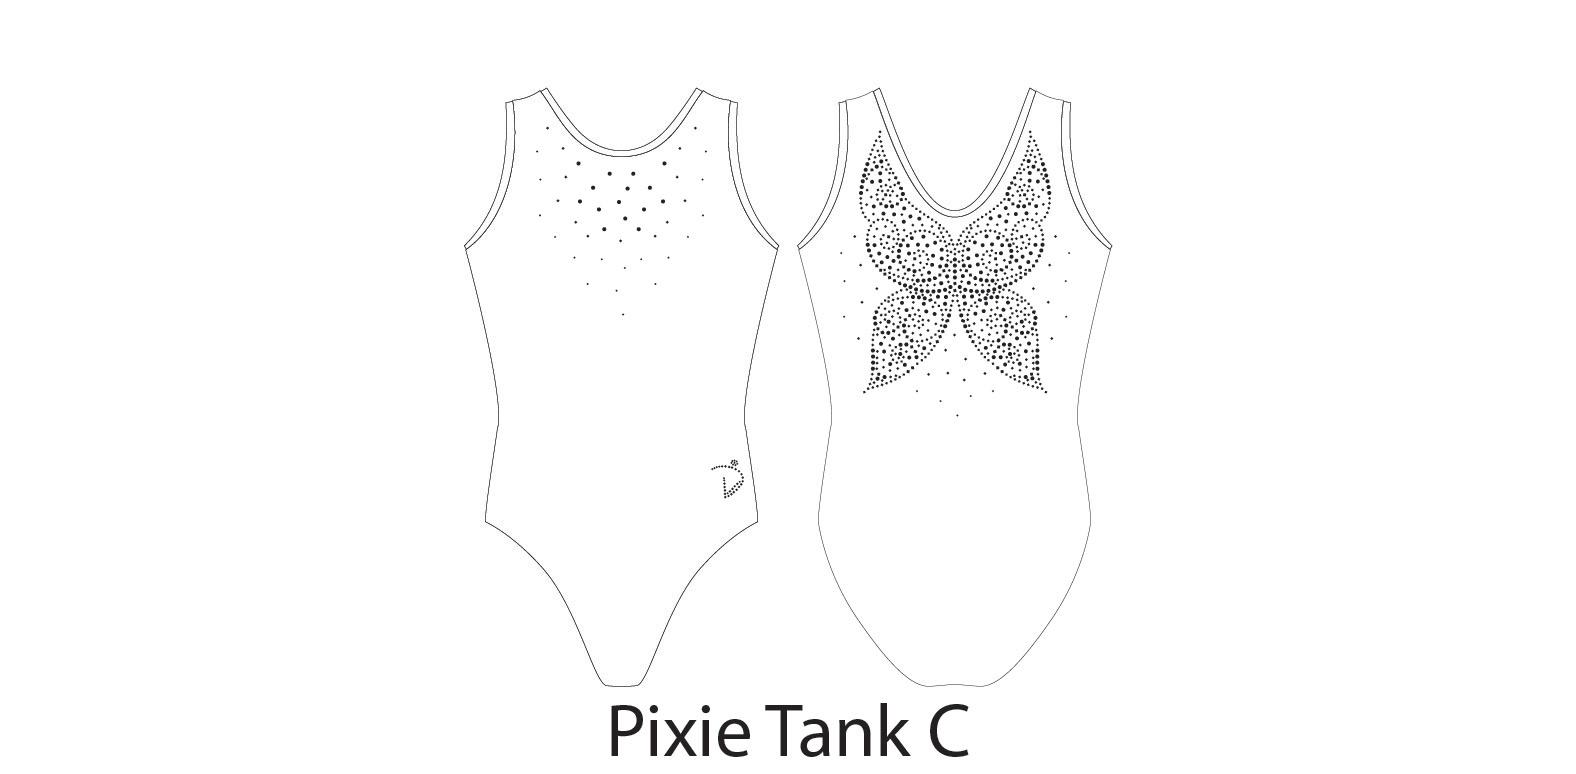 Pixie Tank C